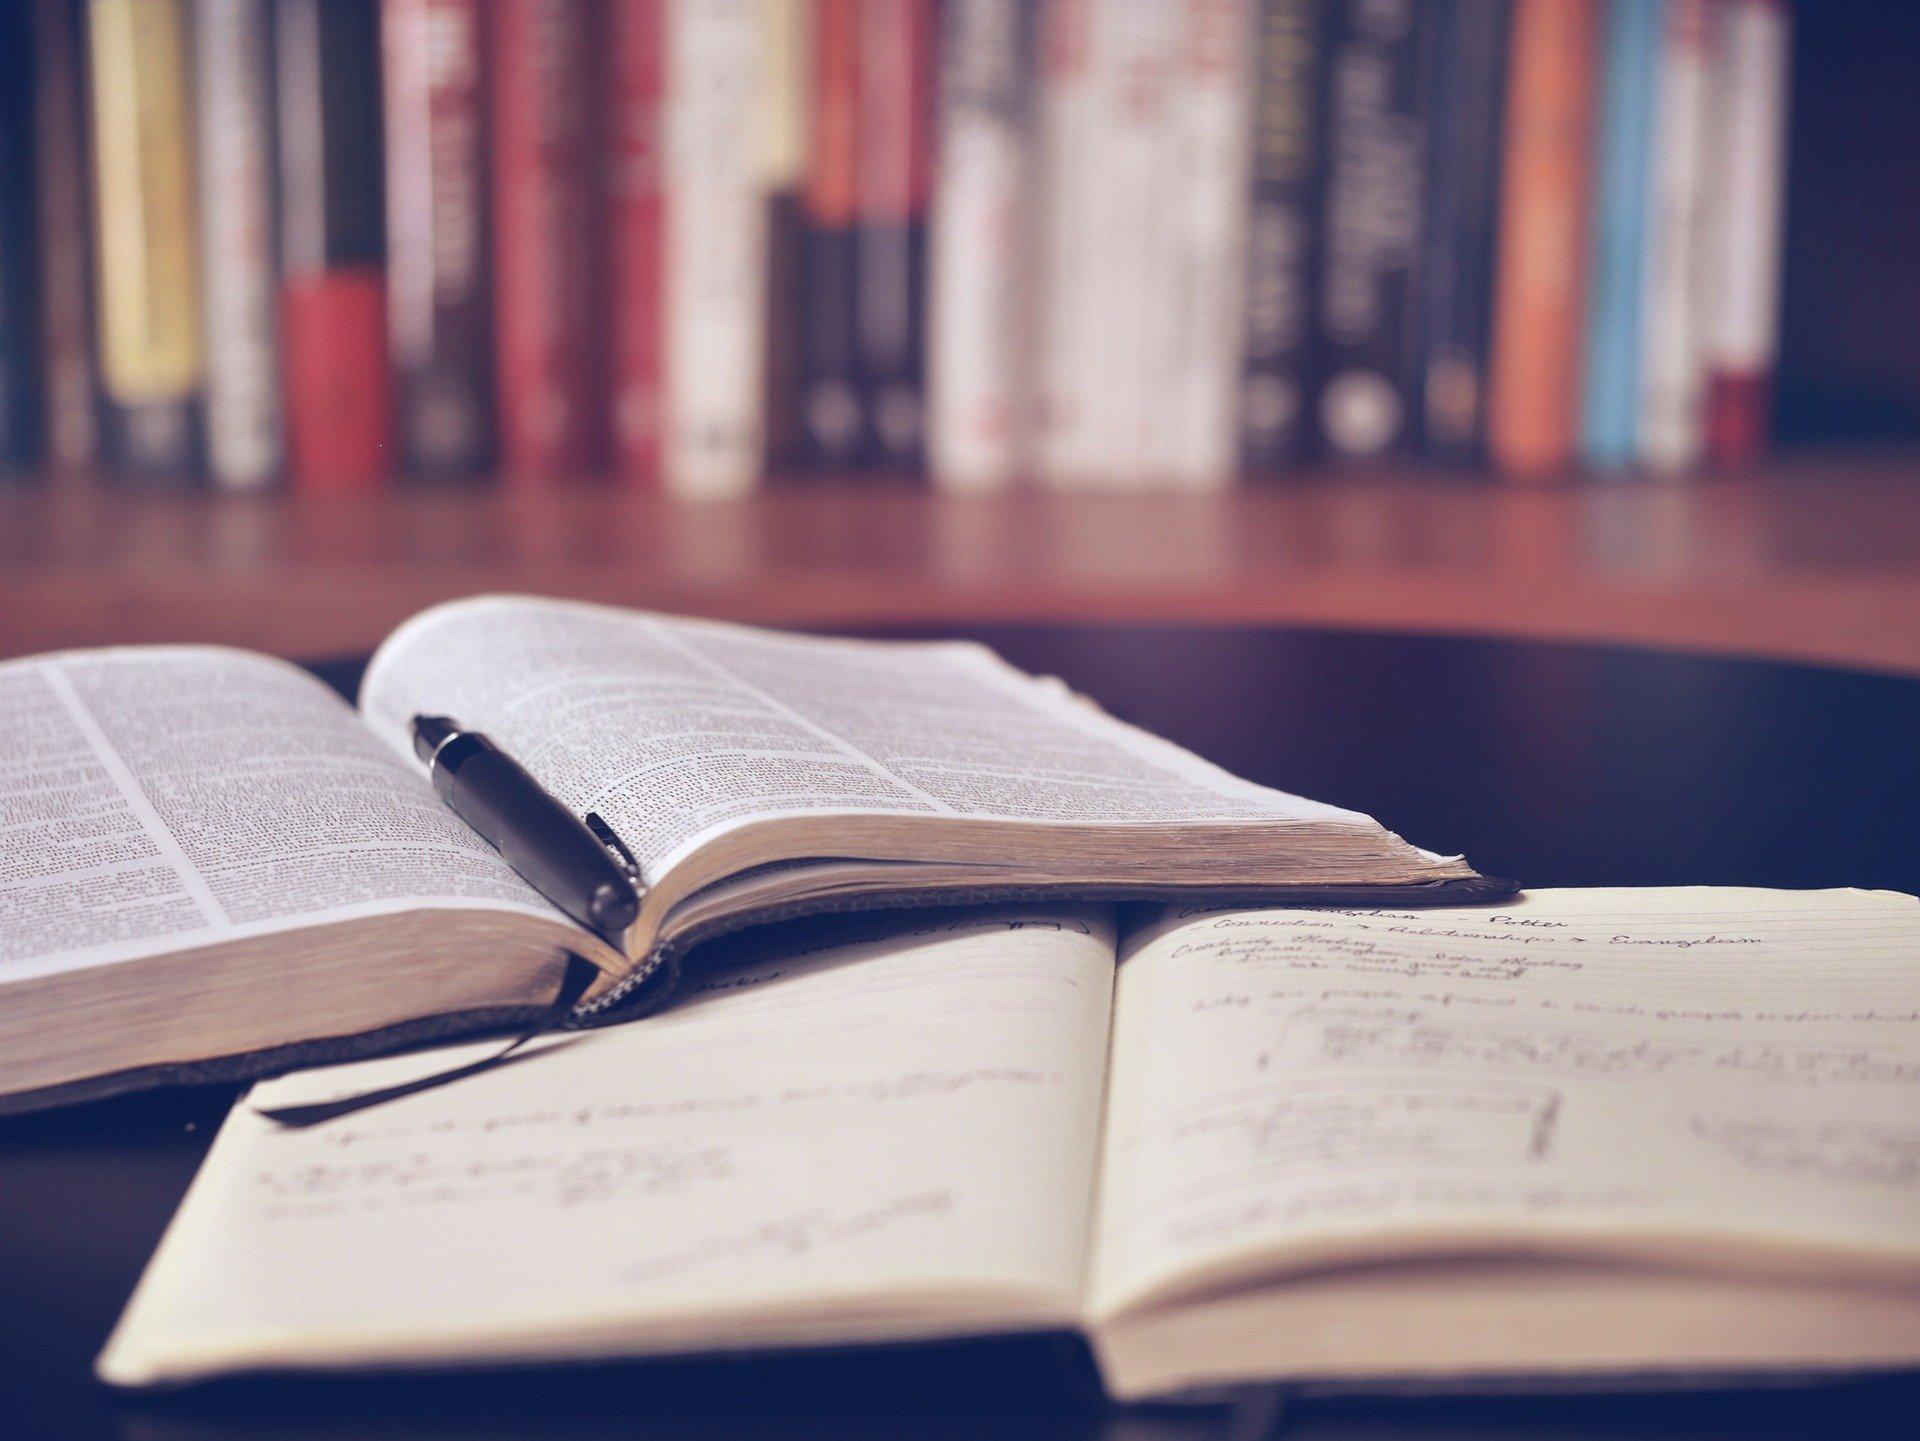 studia-podyplomowe-kiedy-moga-okazac-sie-przydatne